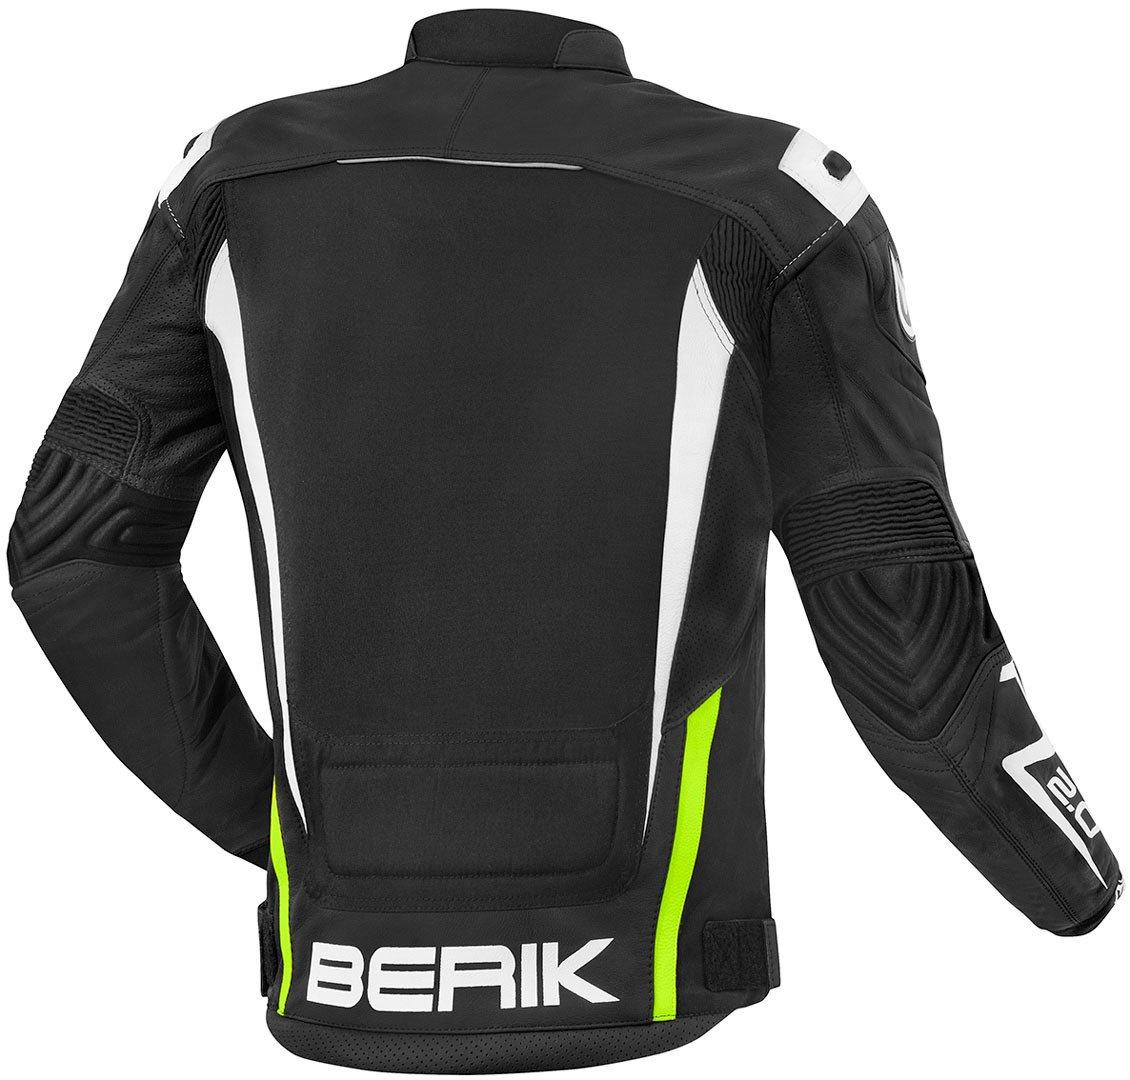 Berik Radic Motorrad Lederjacke 50 Schwarz//Gr/ün//Wei/ß